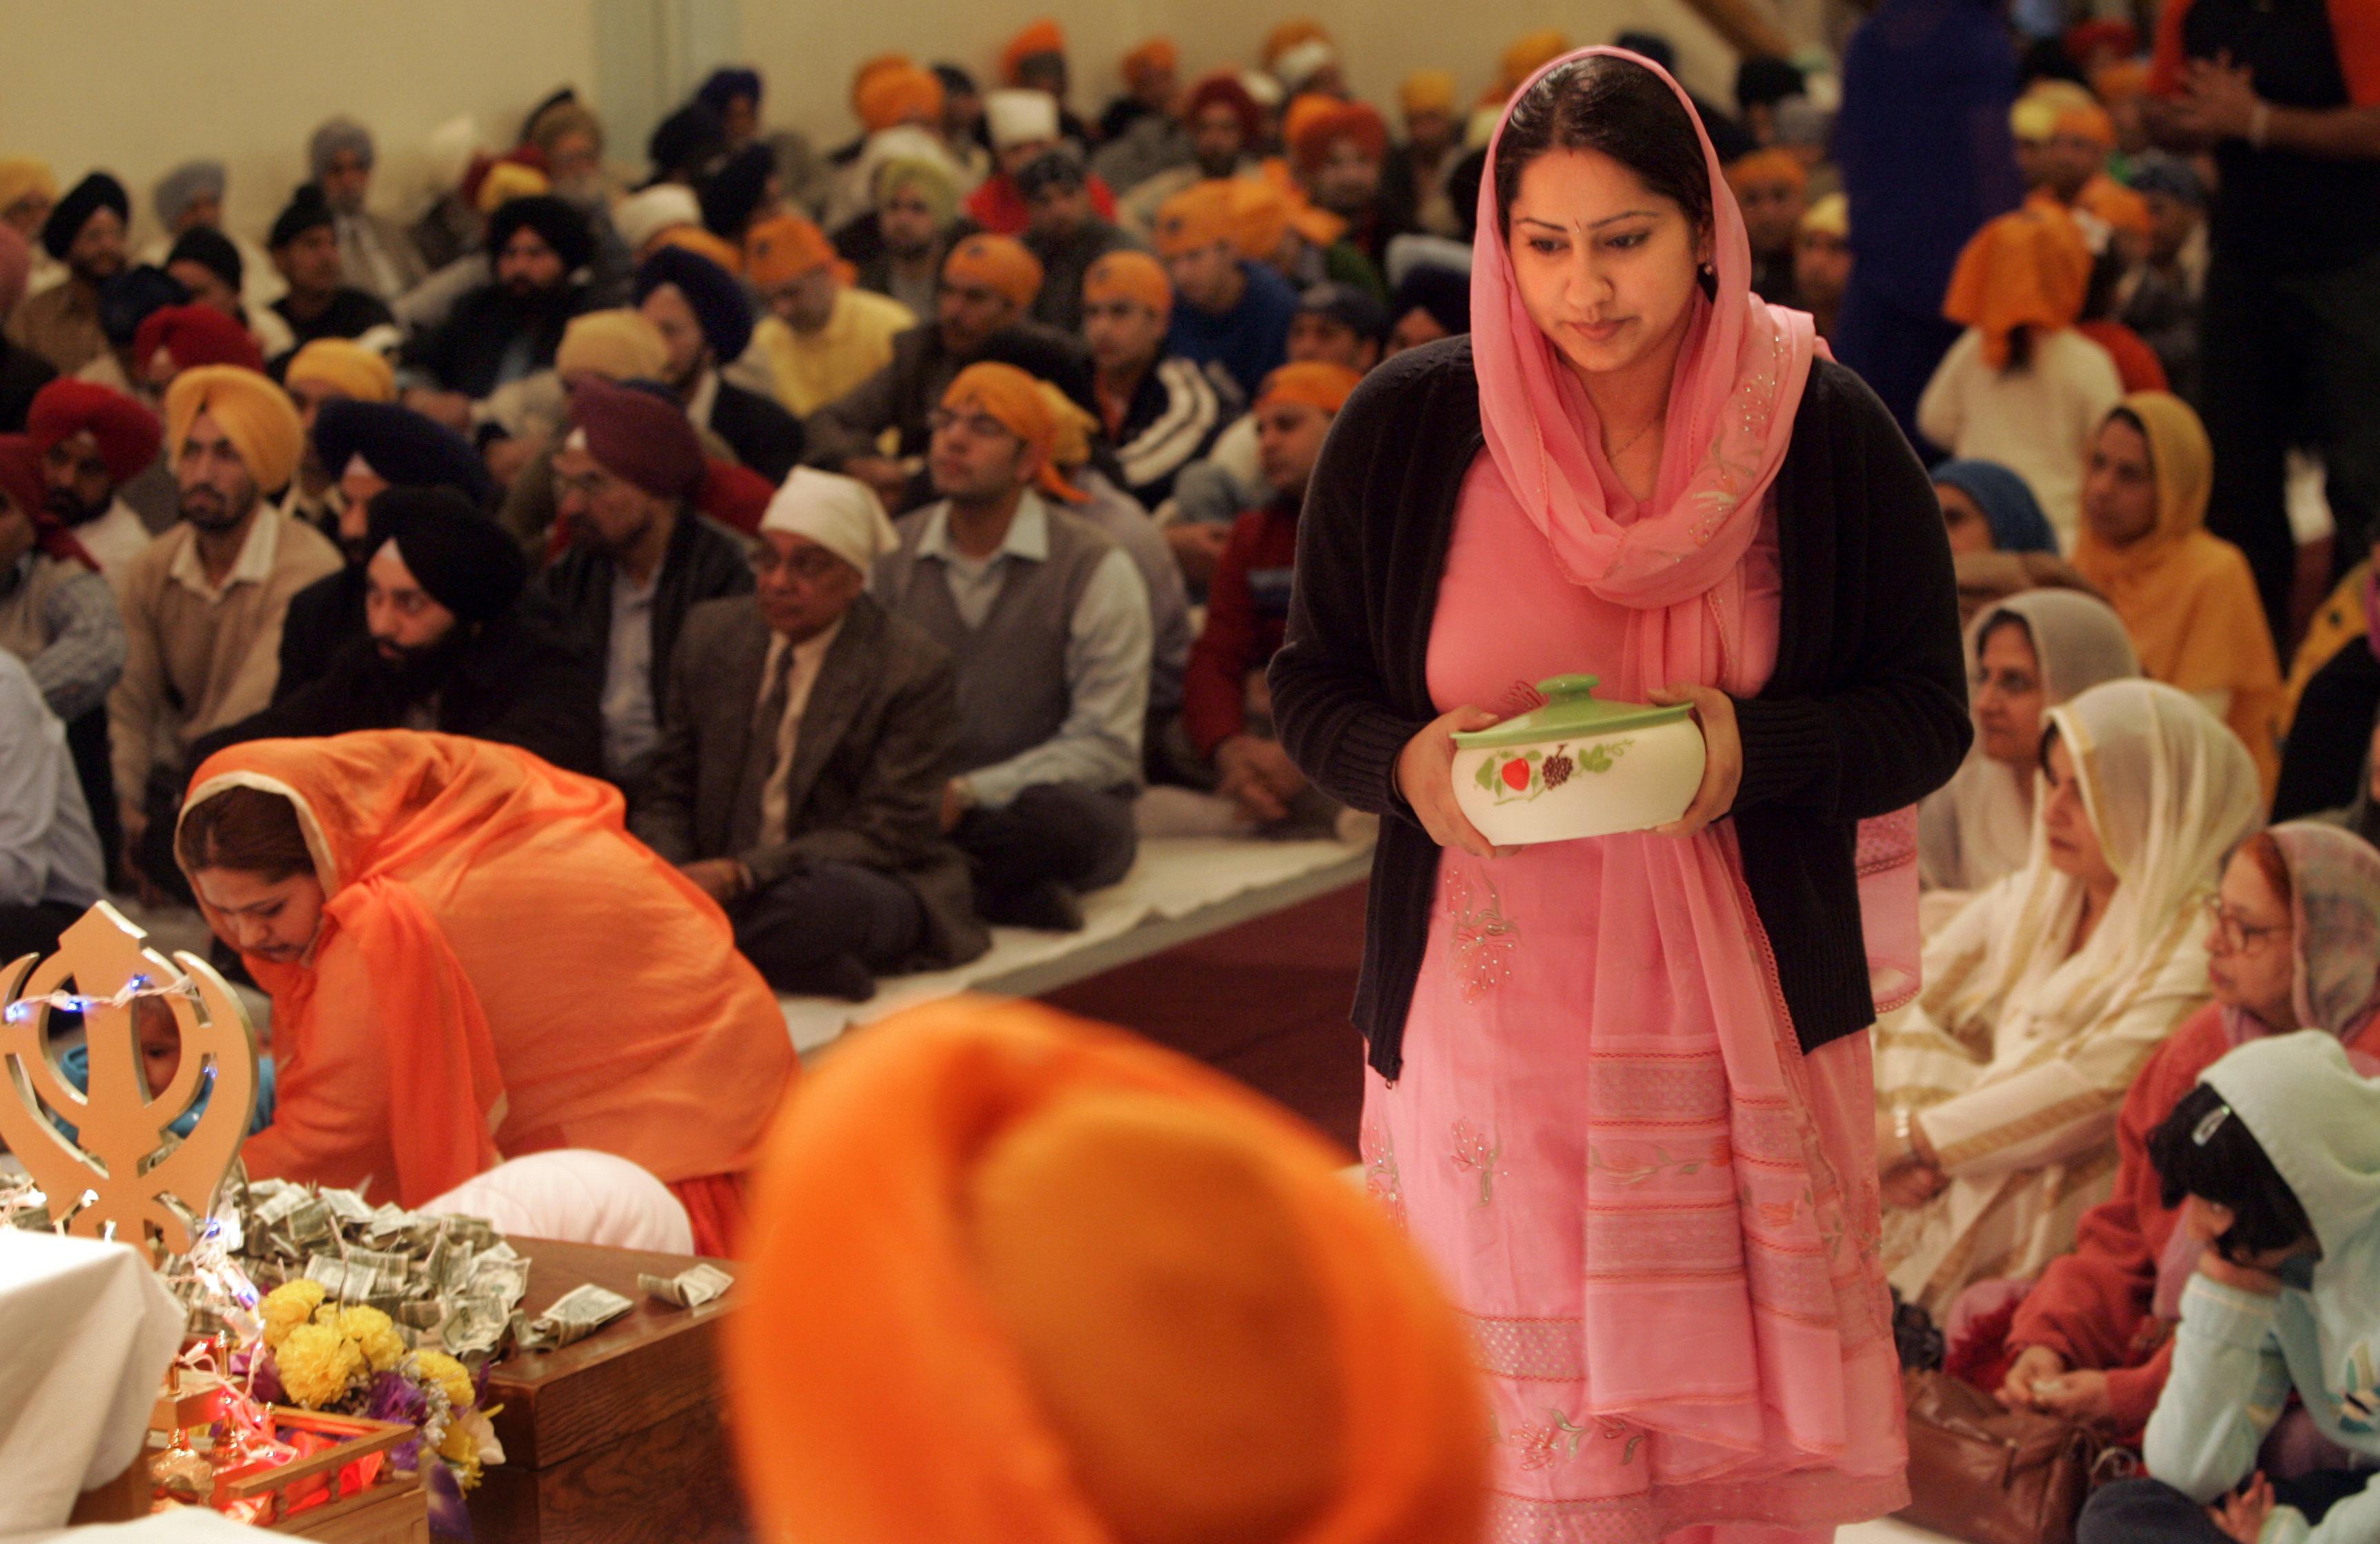 Une femme portant un plat, entourée de fidèles assis par terre © AP Images